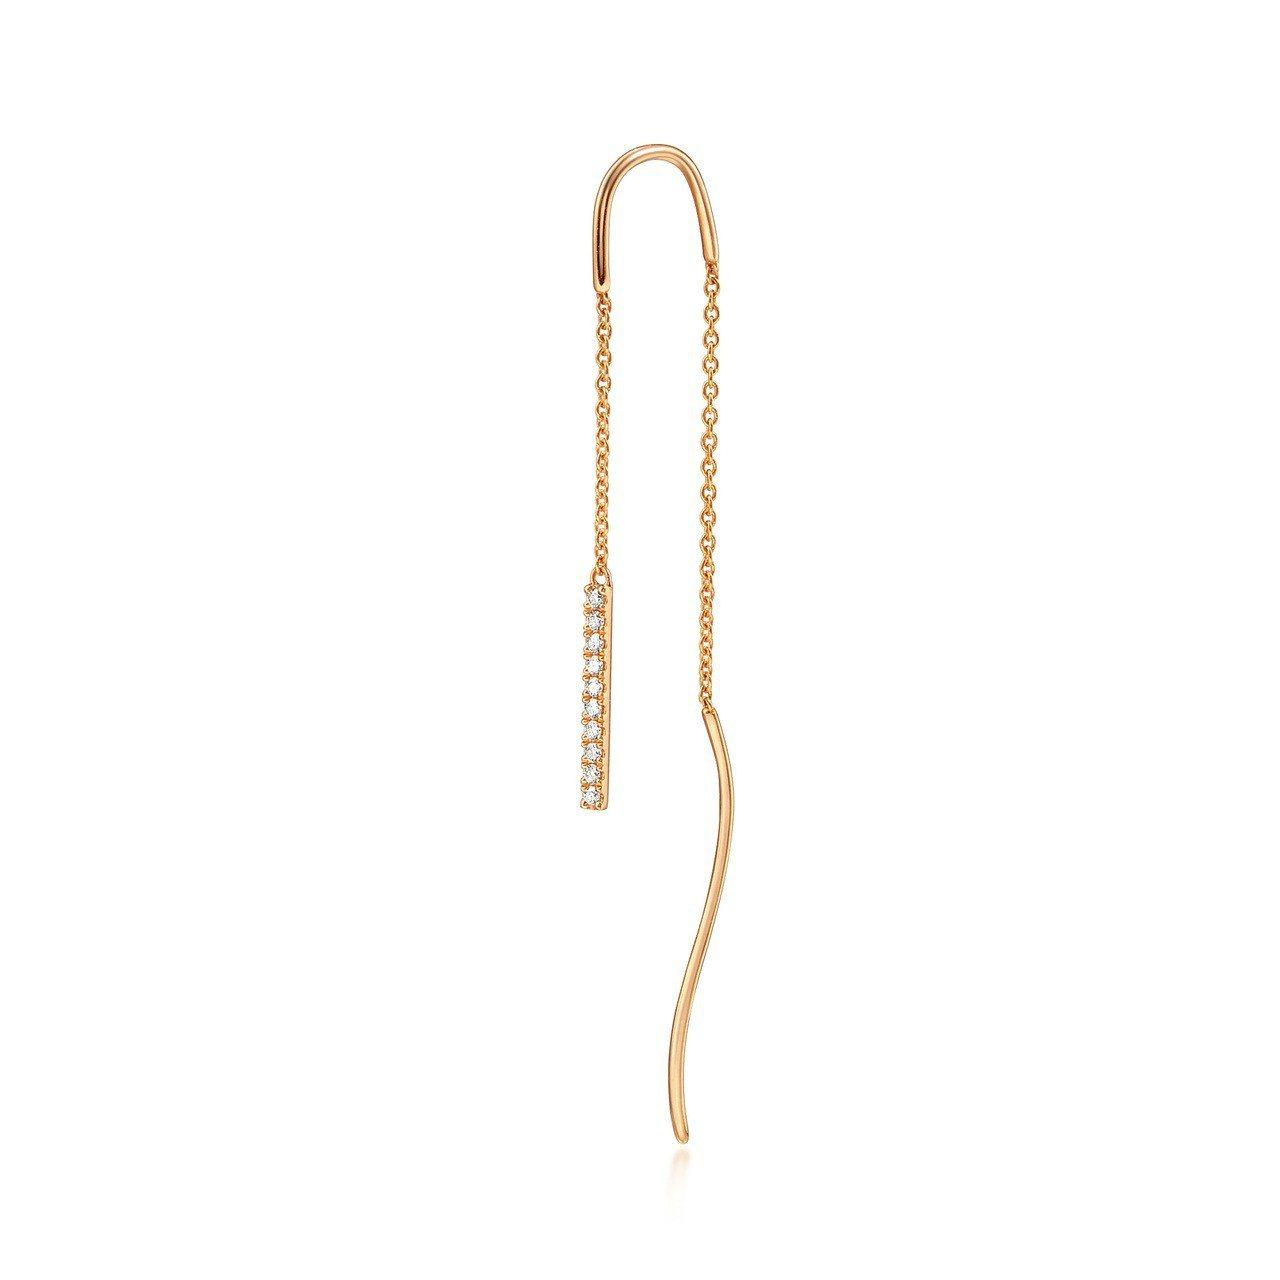 點睛品 Ear Play 18K玫瑰金鑽石耳環單支,7,500元。圖/點睛品提供